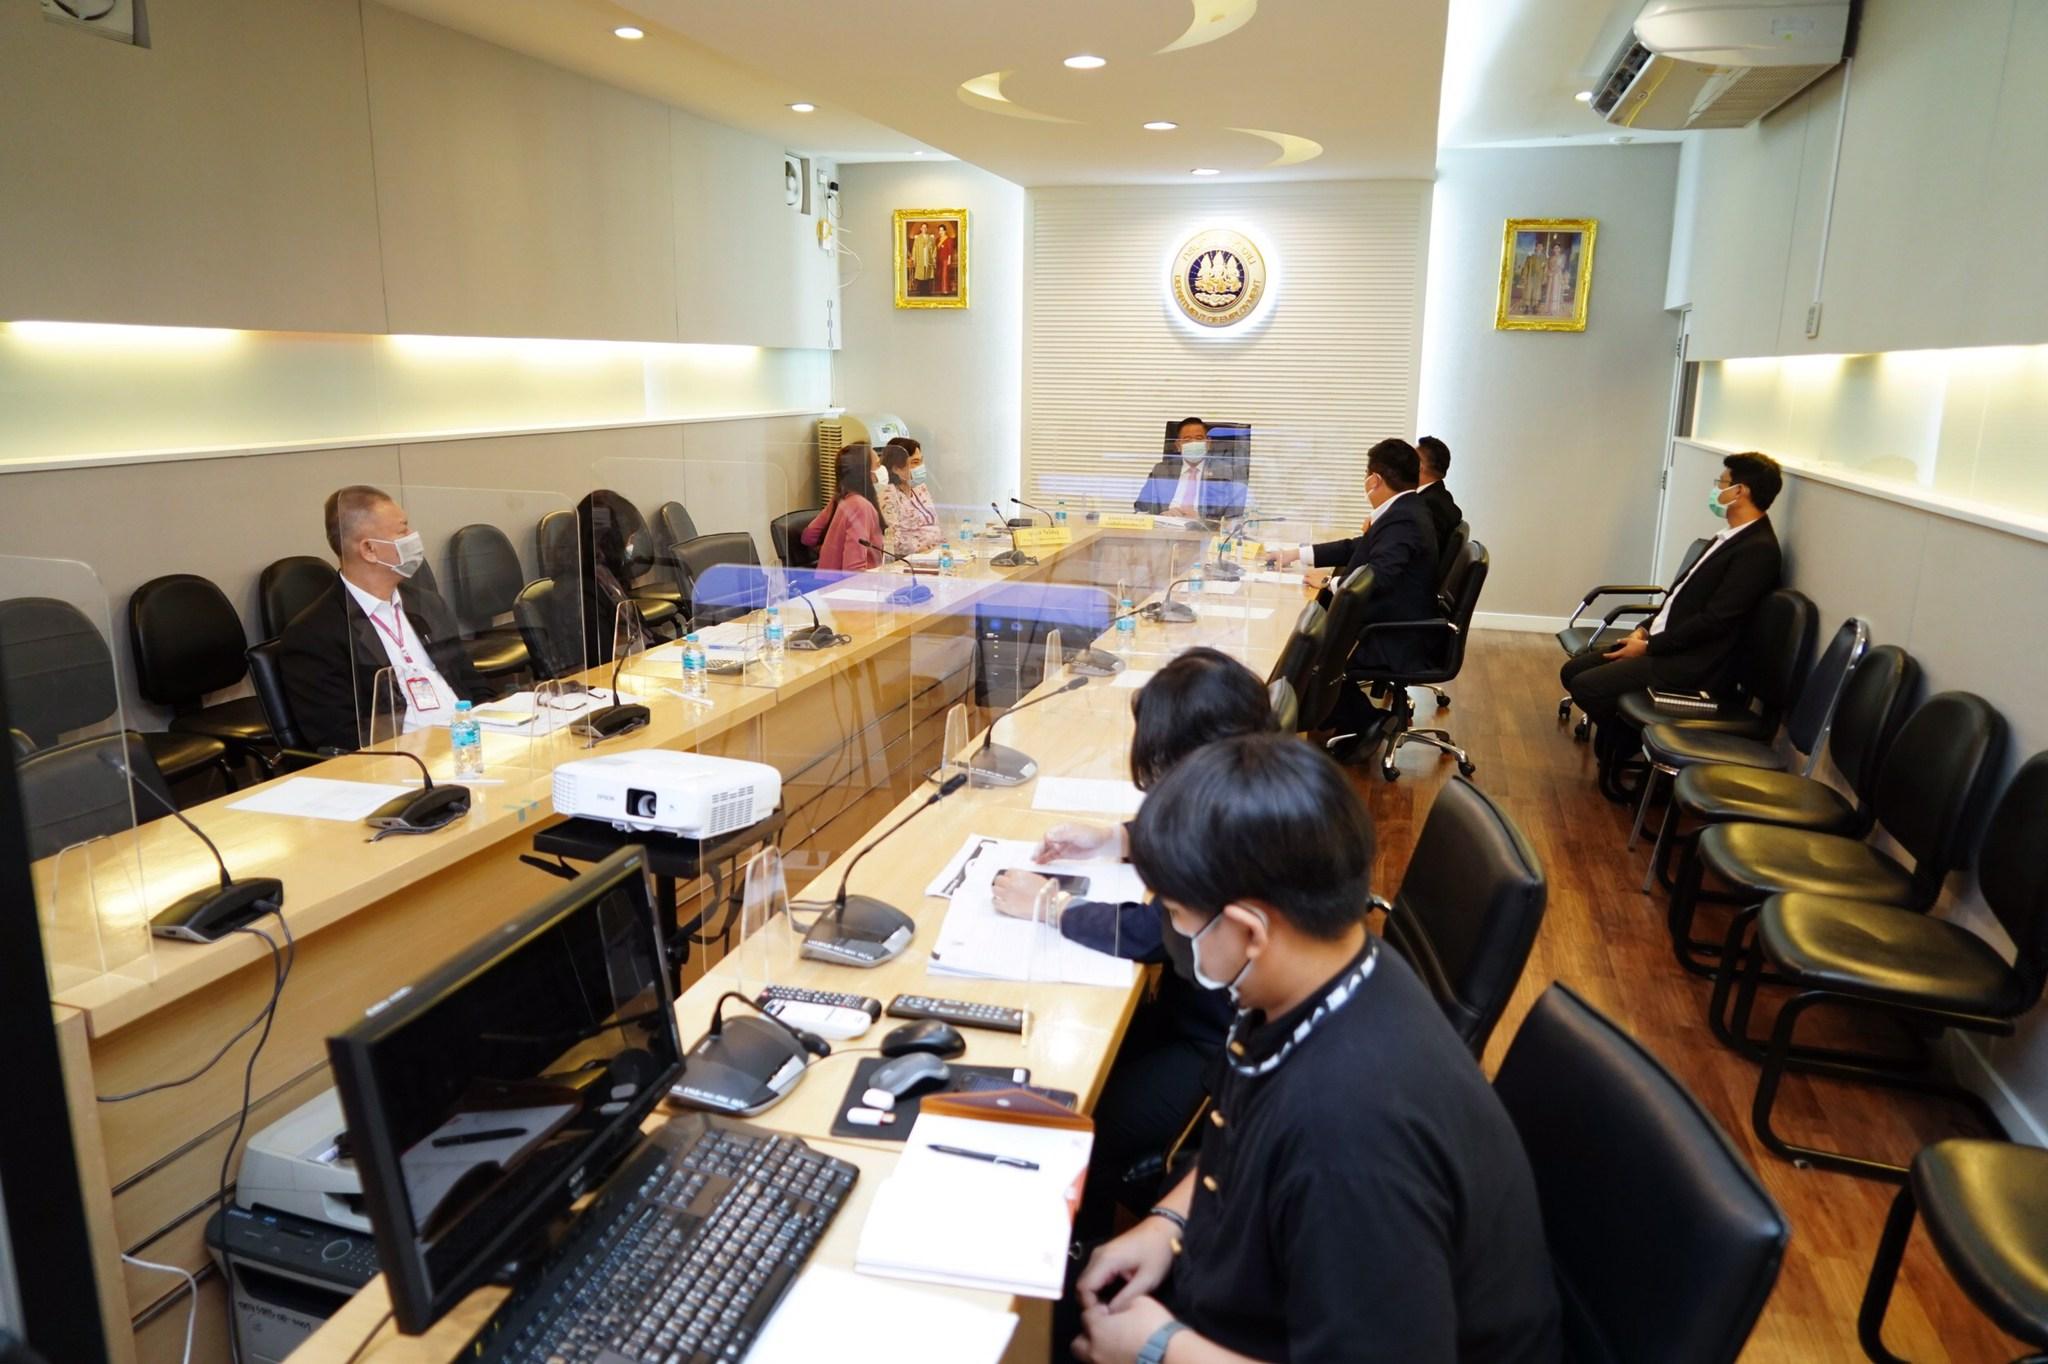 รองอธิบดีกรมการจัดหางาน ร่วมประชุมกับคณะคณะกรรมการกลั่นกรองเงินกู้ฯ พิจารณาโครงการส่งเสริมและรักษาระดับการจ้างงานในธุรกิจ SMEs